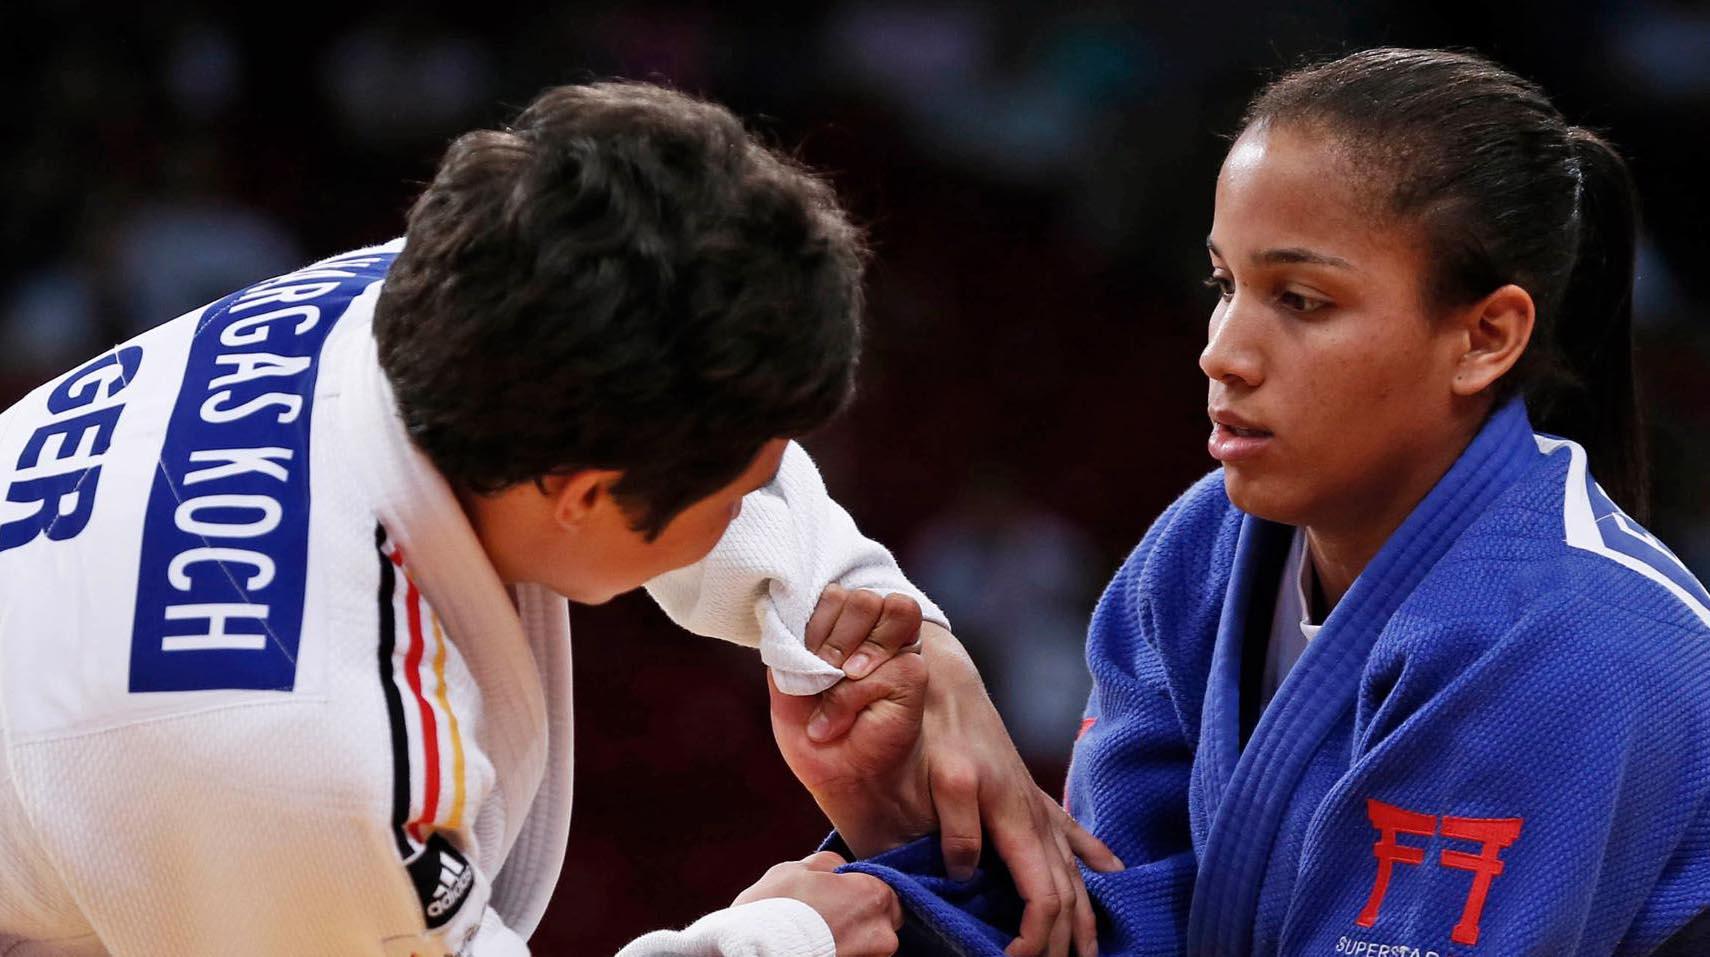 El Sumario - La venezolana obtuvo medalla dorada en la categoría de los 70 kilogramos del judo de los Juegos Centroamericanos y del Caribe de Barranquilla